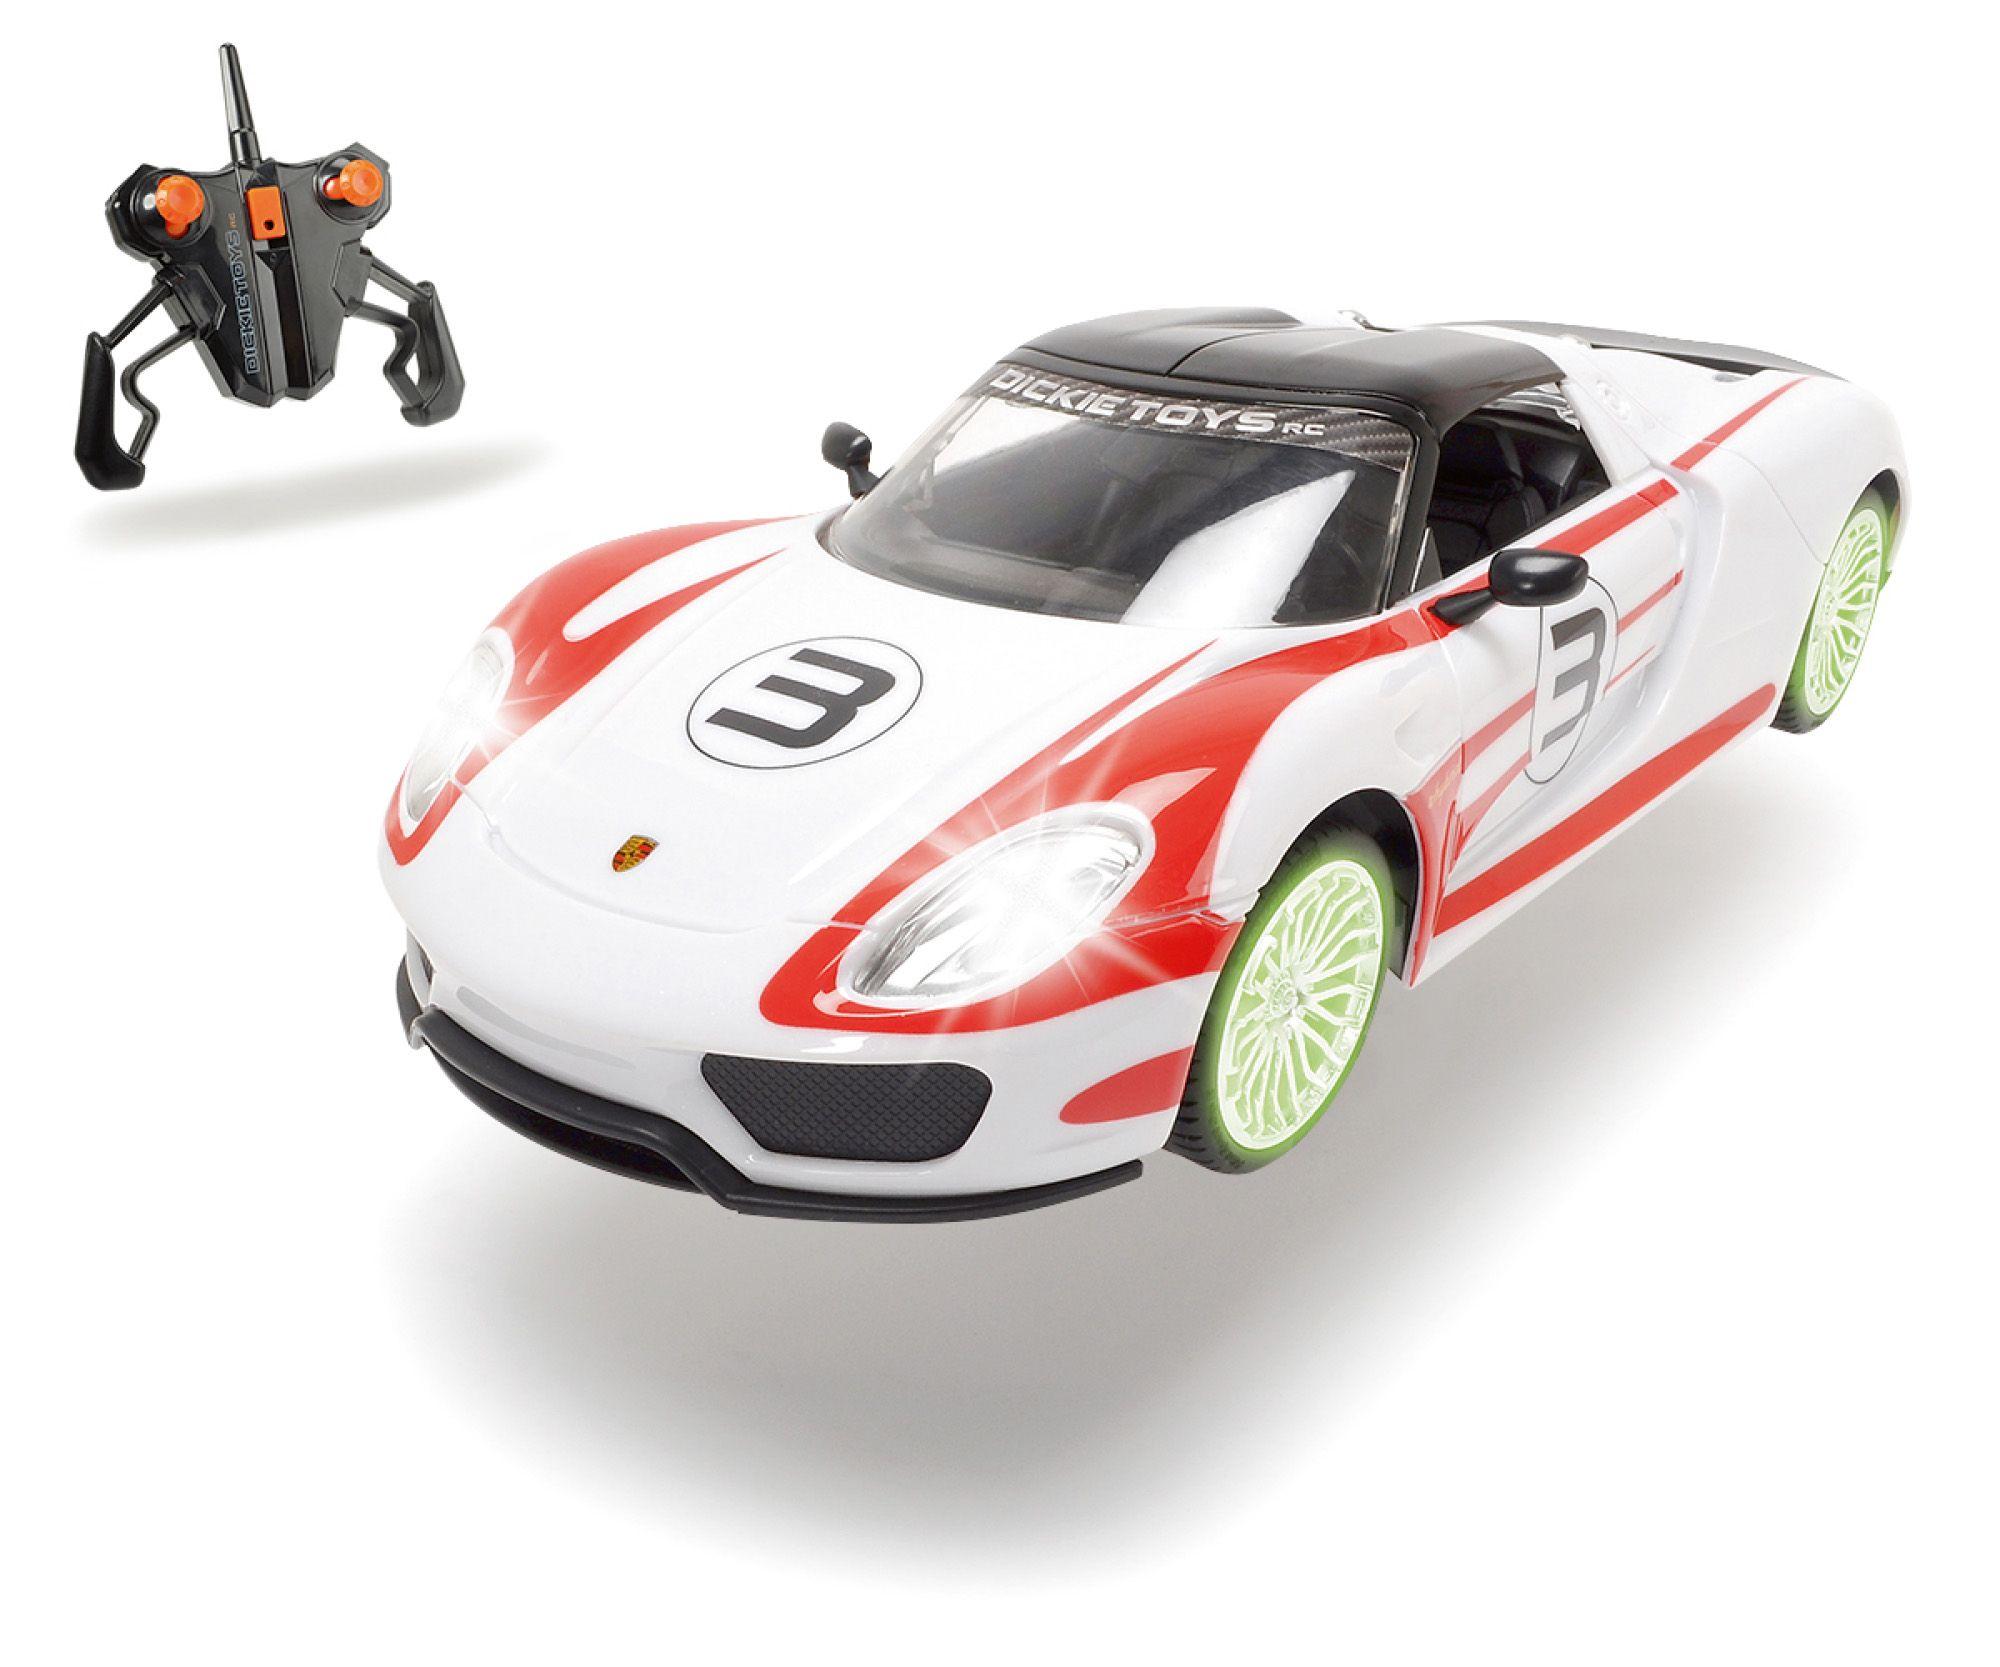 DICKIE TOYS Dickie RC Komplett Set mit Licht und Sound, »Porsche Spyder 2,4 GHz 1:16 weiß/rot«